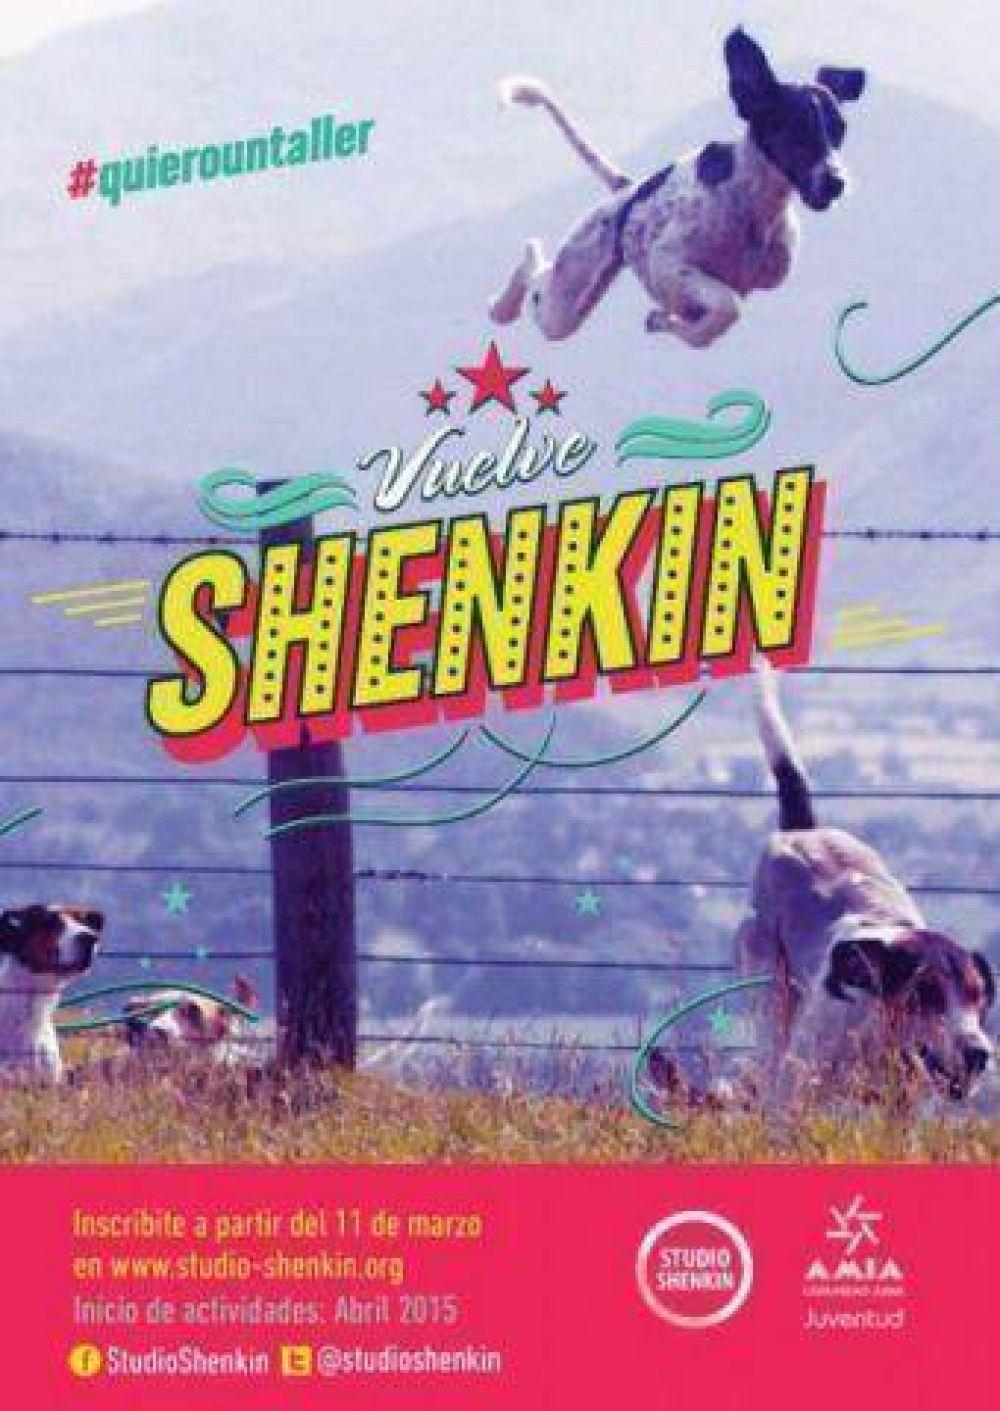 Abrieron las inscripciones para Studio Shenkin